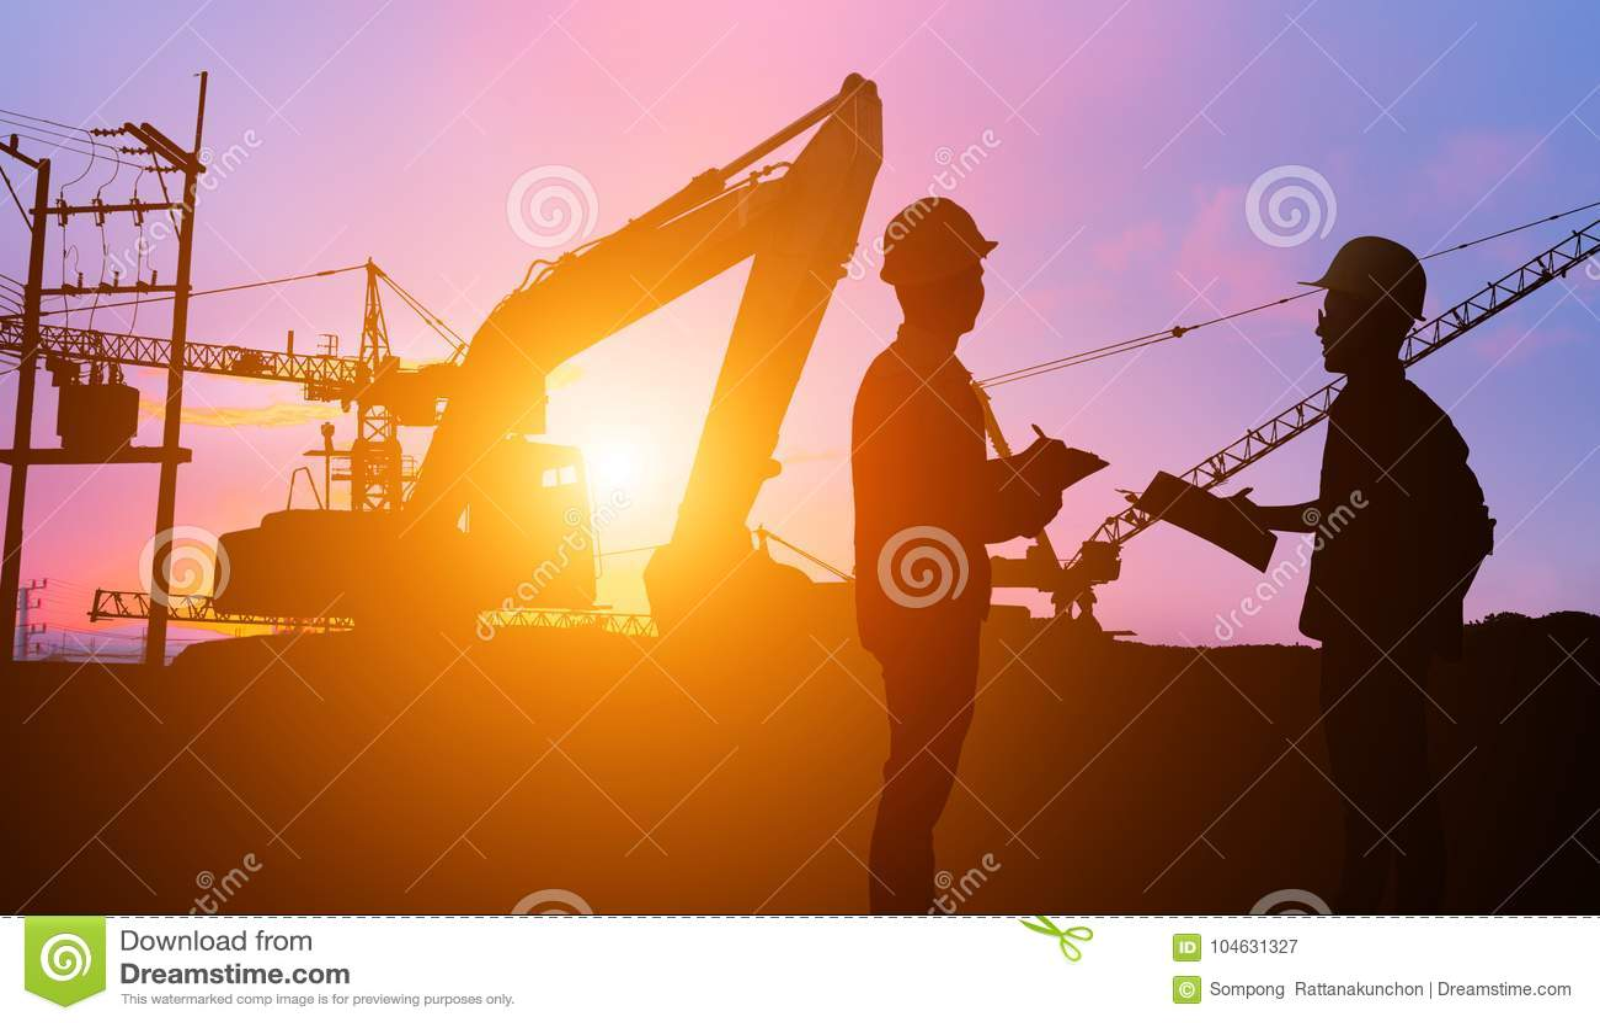 Download De Ingenieur Die Van Silhouetteams Bouwvakker Kijken Stock Afbeelding - Afbeelding bestaande uit mensen, bouwer: 104631327